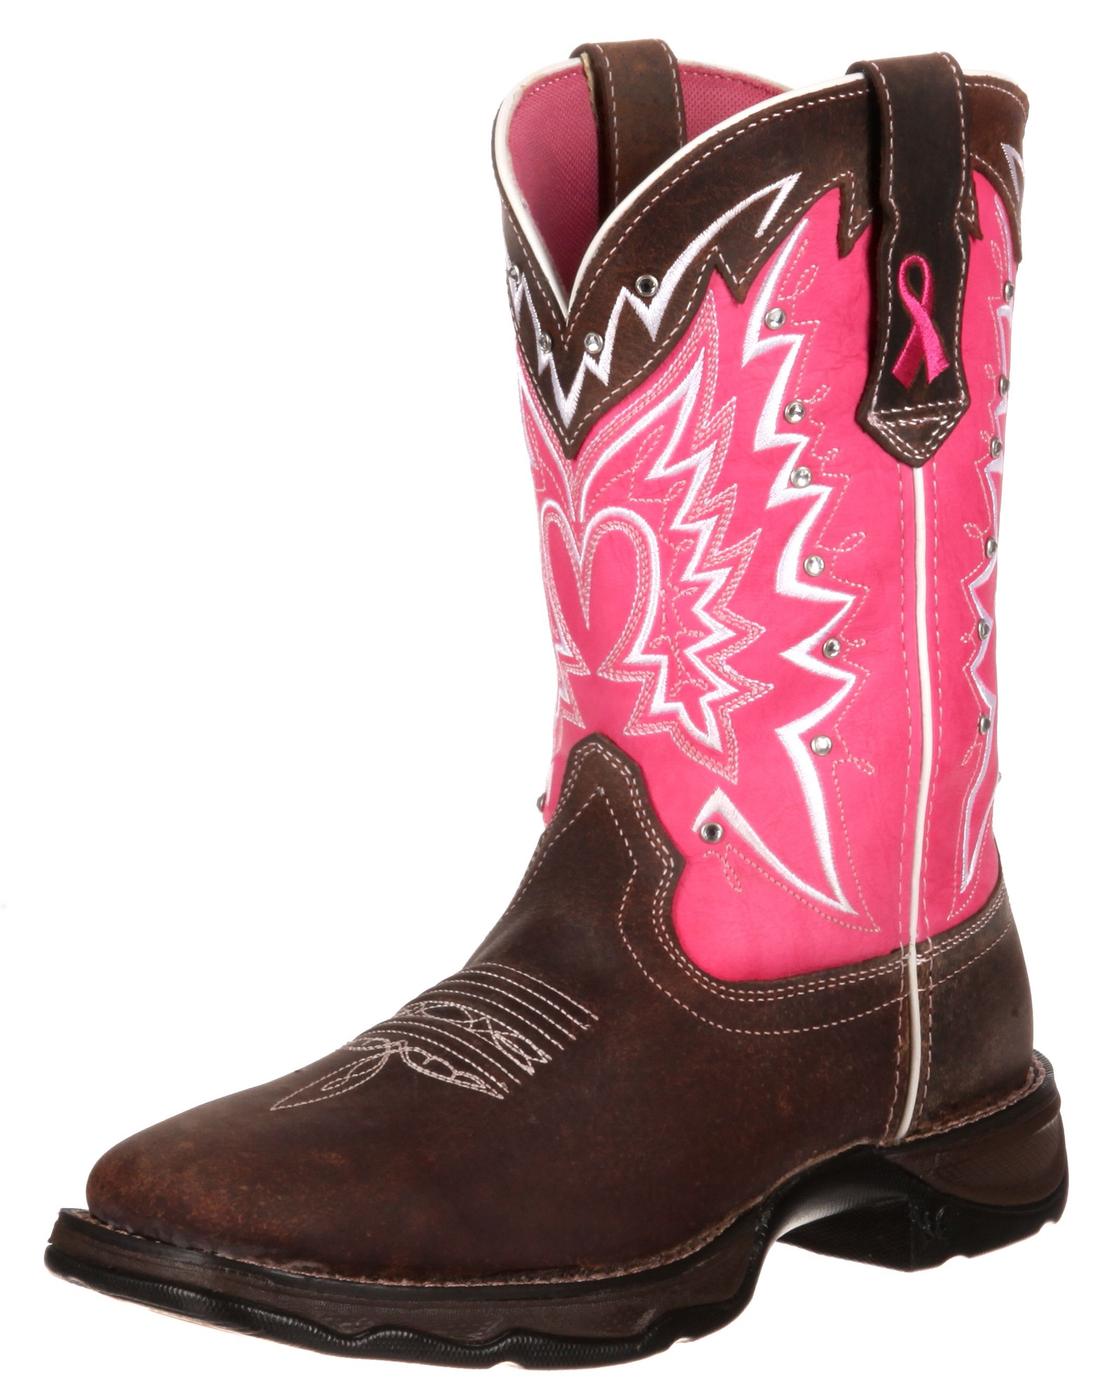 Durango Boots RD3557 PINK RIBBON Dark Brown Pink Westernreitstiefel - braun rosa